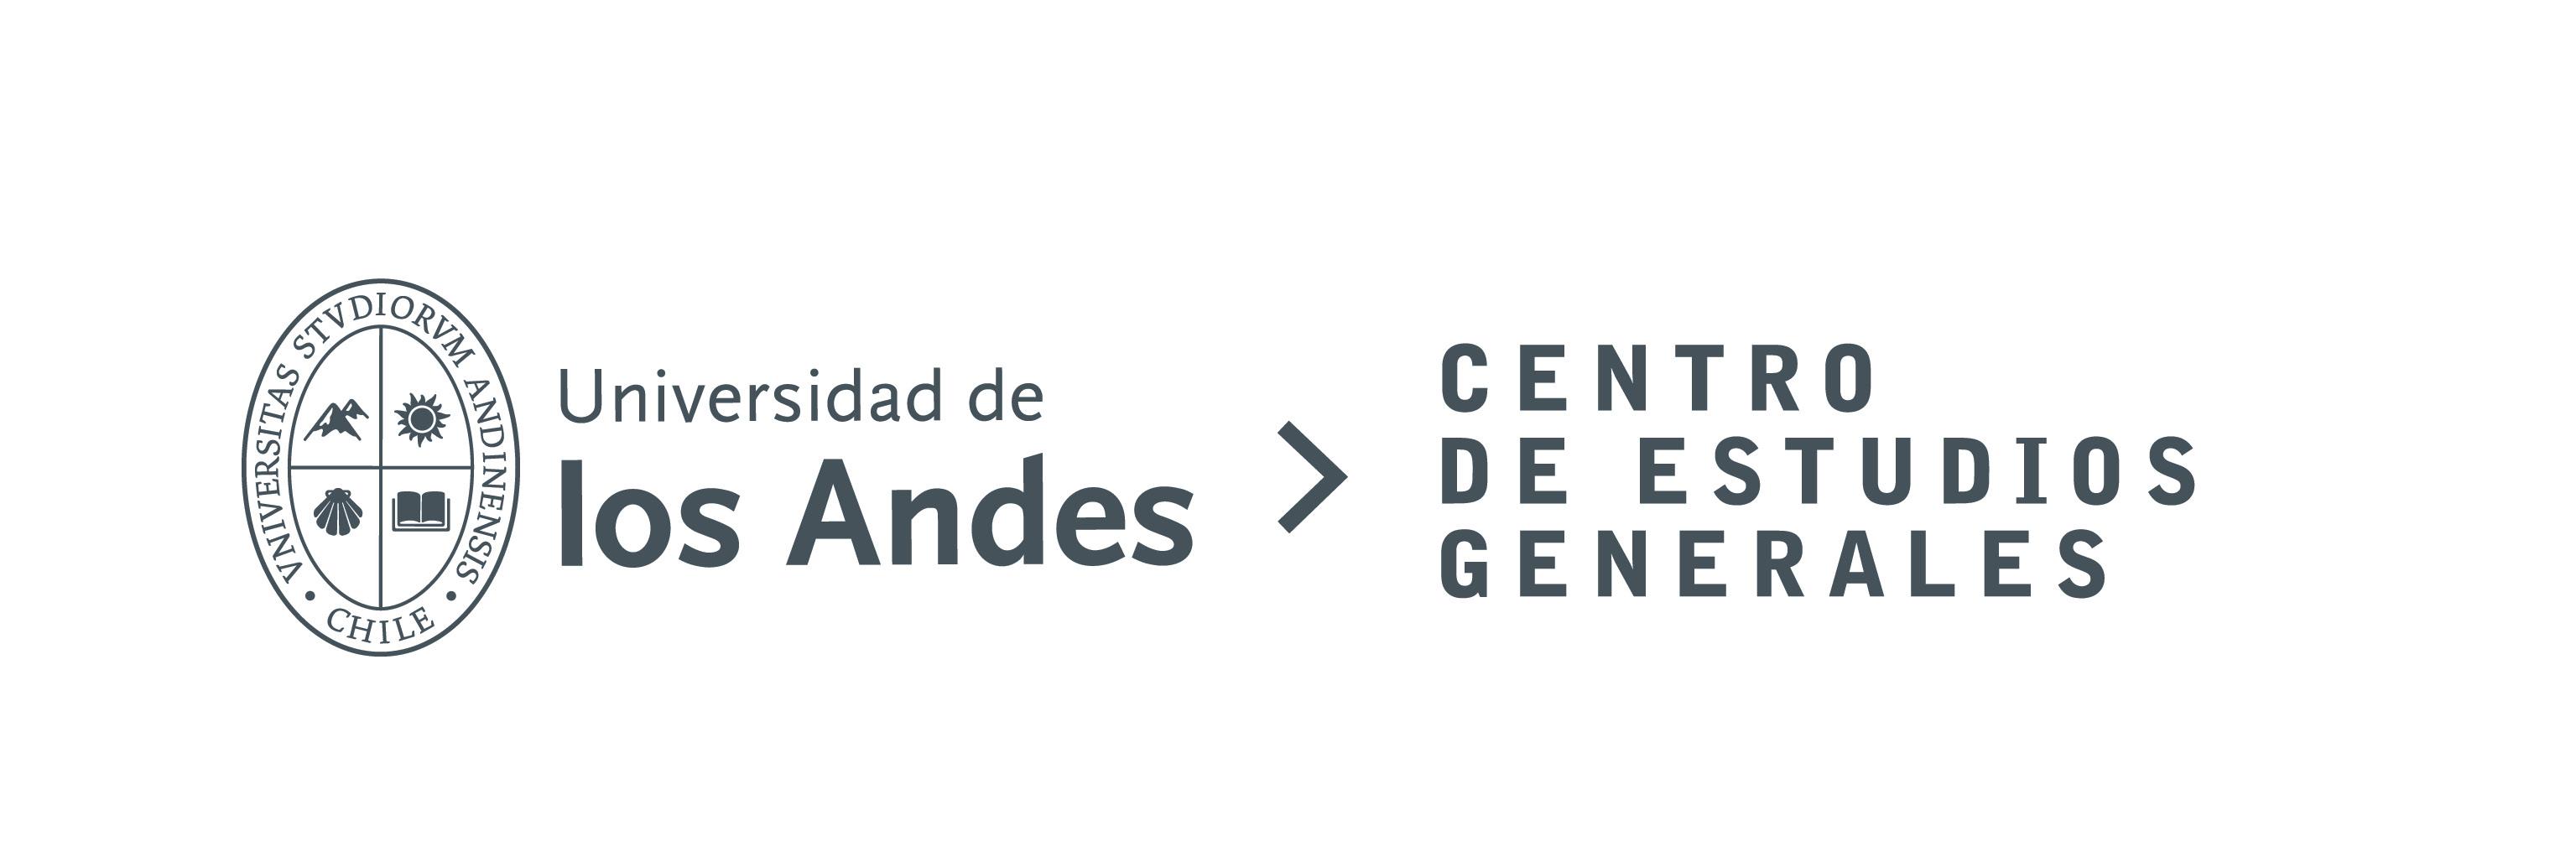 Centro de Estudios Generales